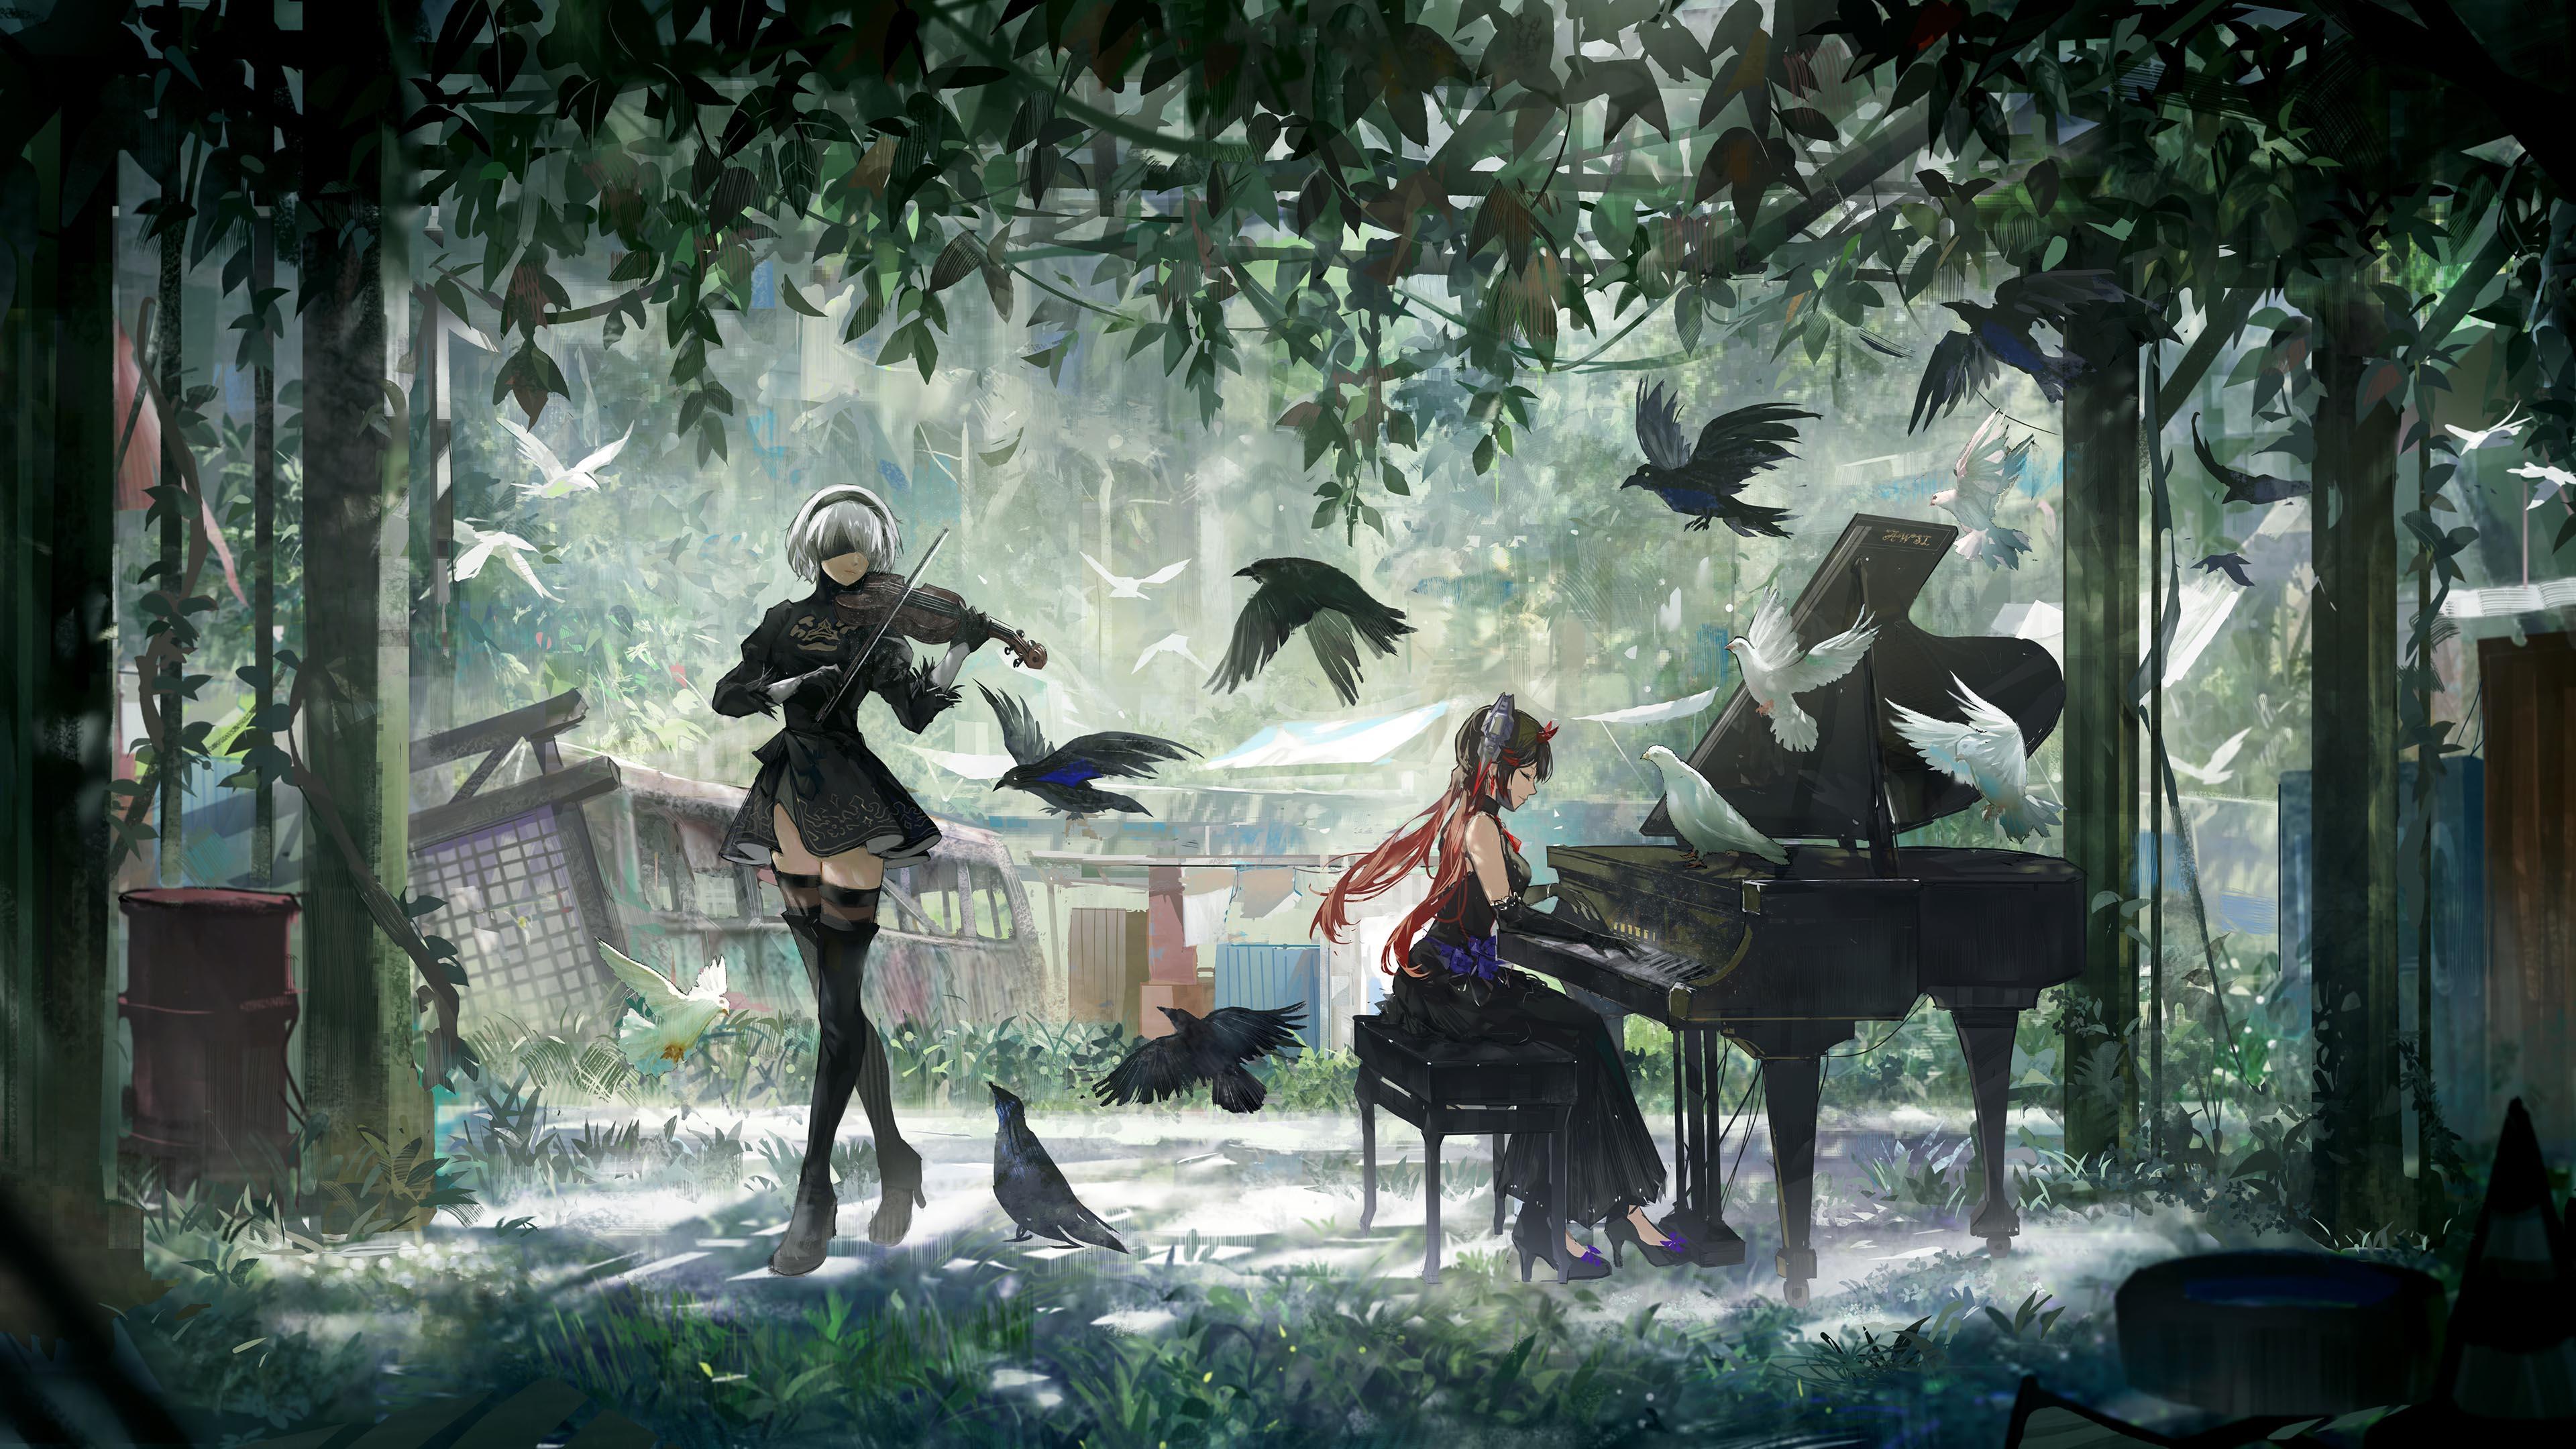 游戏壁纸,主机游戏,机械纪元,钢琴,鹰妹,鸽子,树林